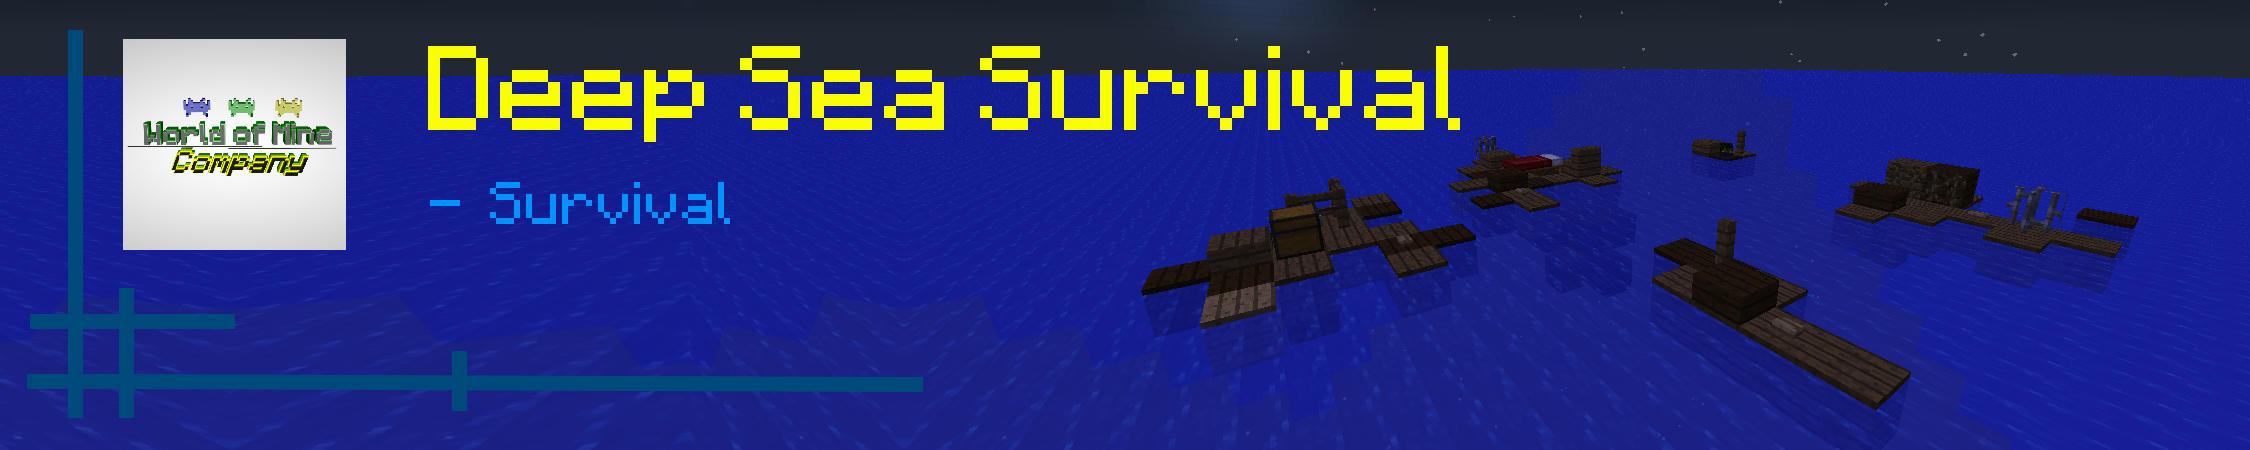 Deep Sea Survival